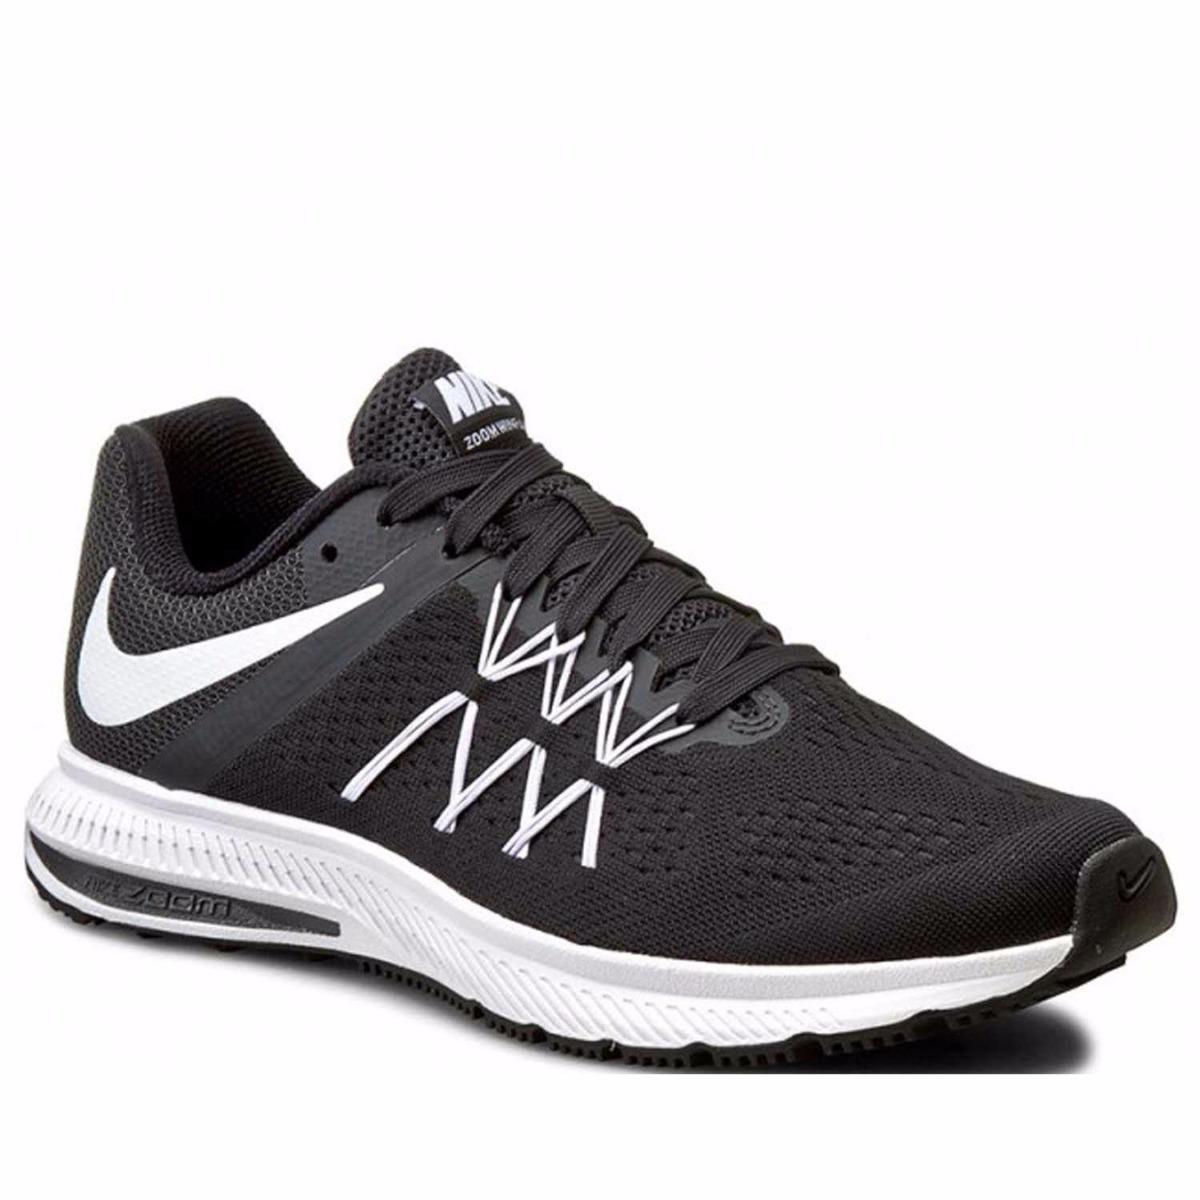 742630494a8b7 ... discount code for zapatillas nike zoom winflo 3 hombre us 14 running  nuevas. cargando zoom